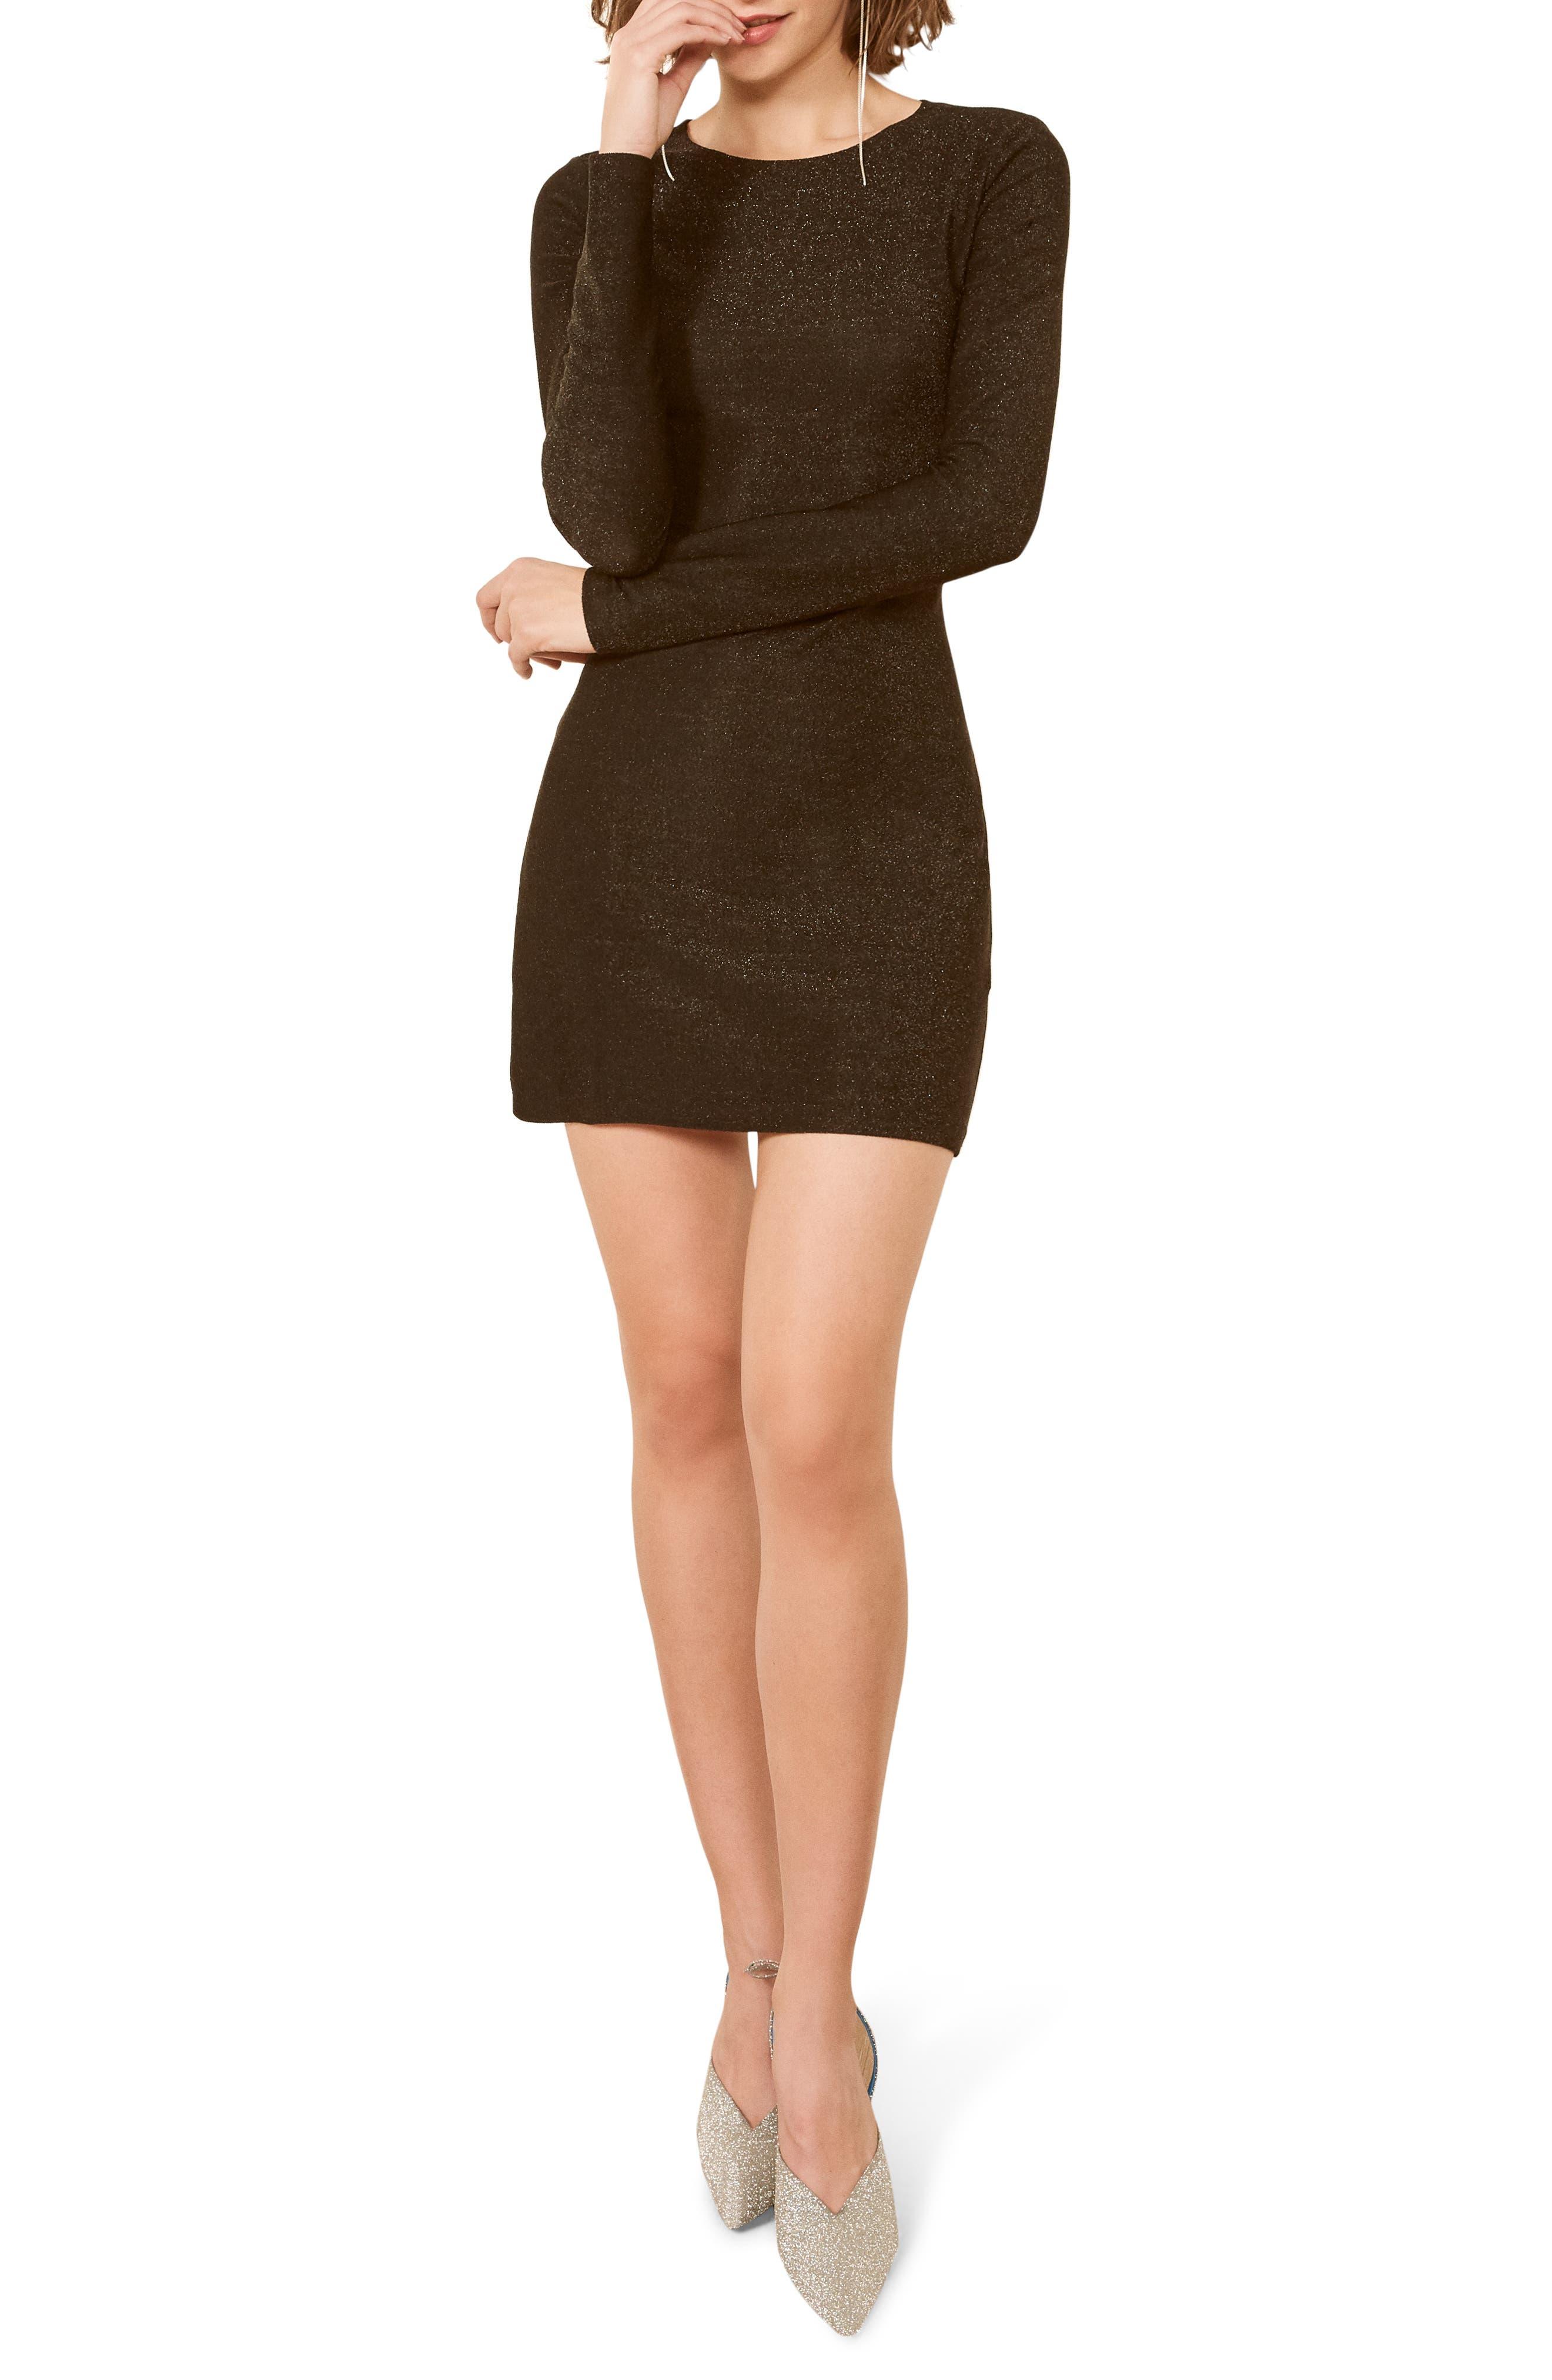 Radford Minidress,                             Main thumbnail 1, color,                             BLACK